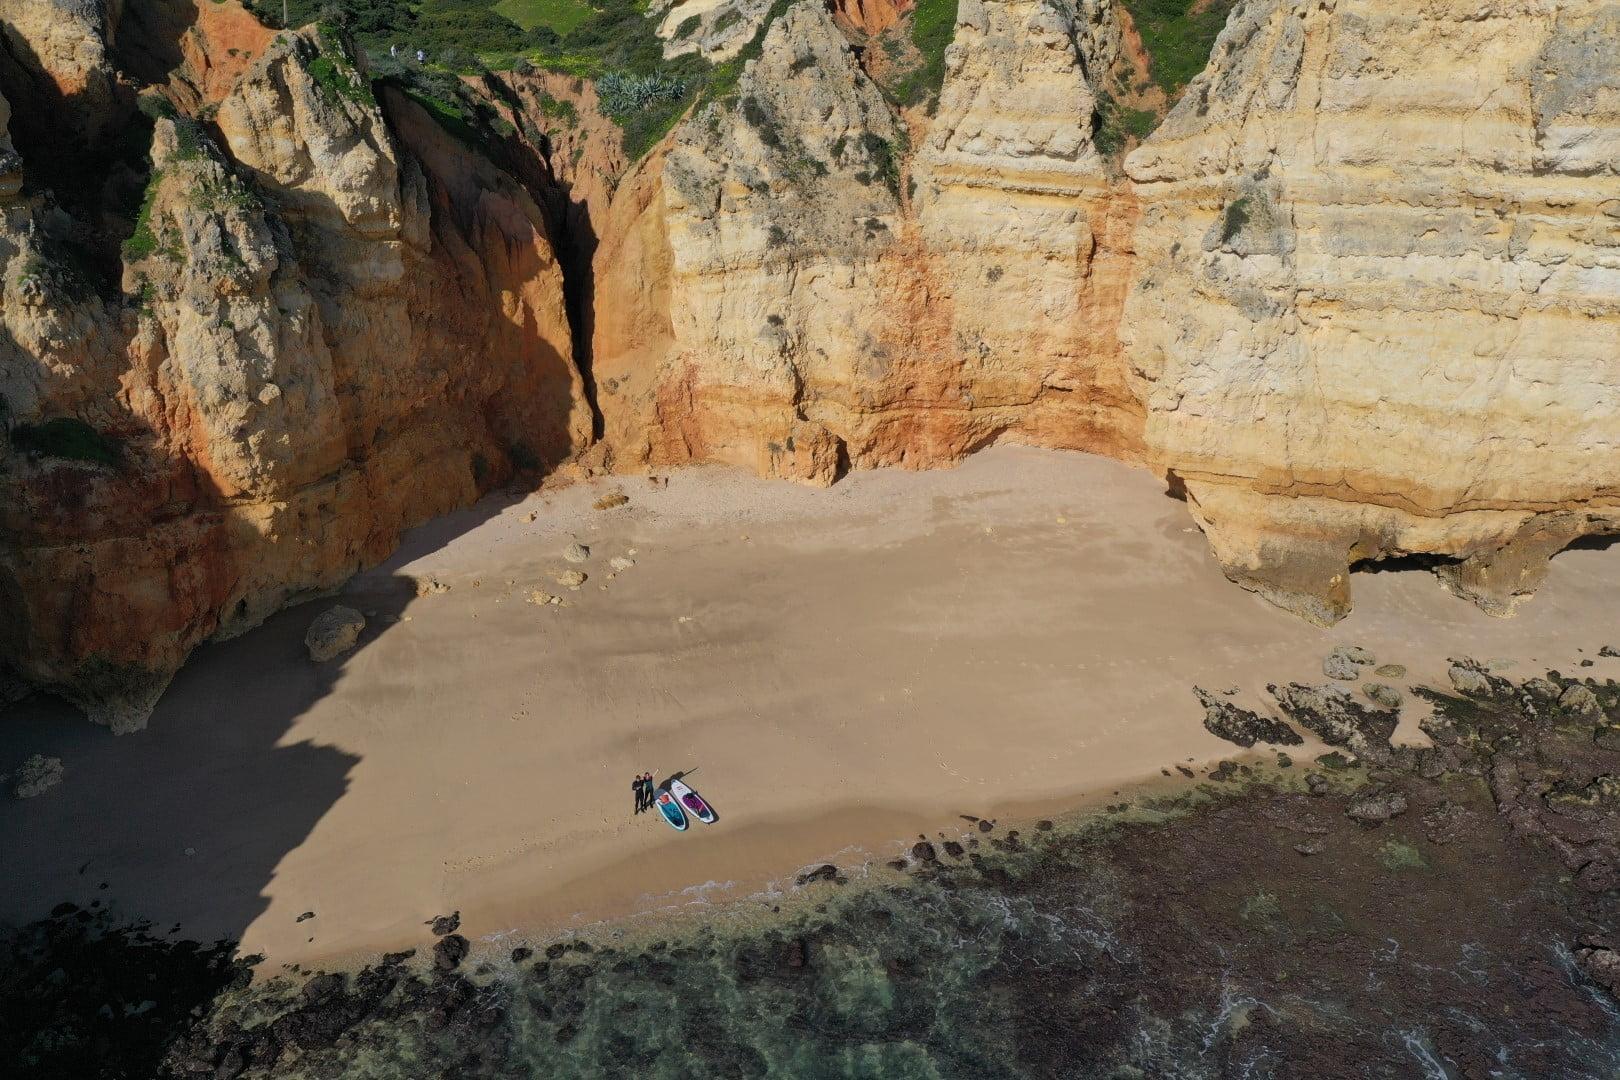 Suparja sta se zatekla na samotno peščeno plažo na Portugalskem